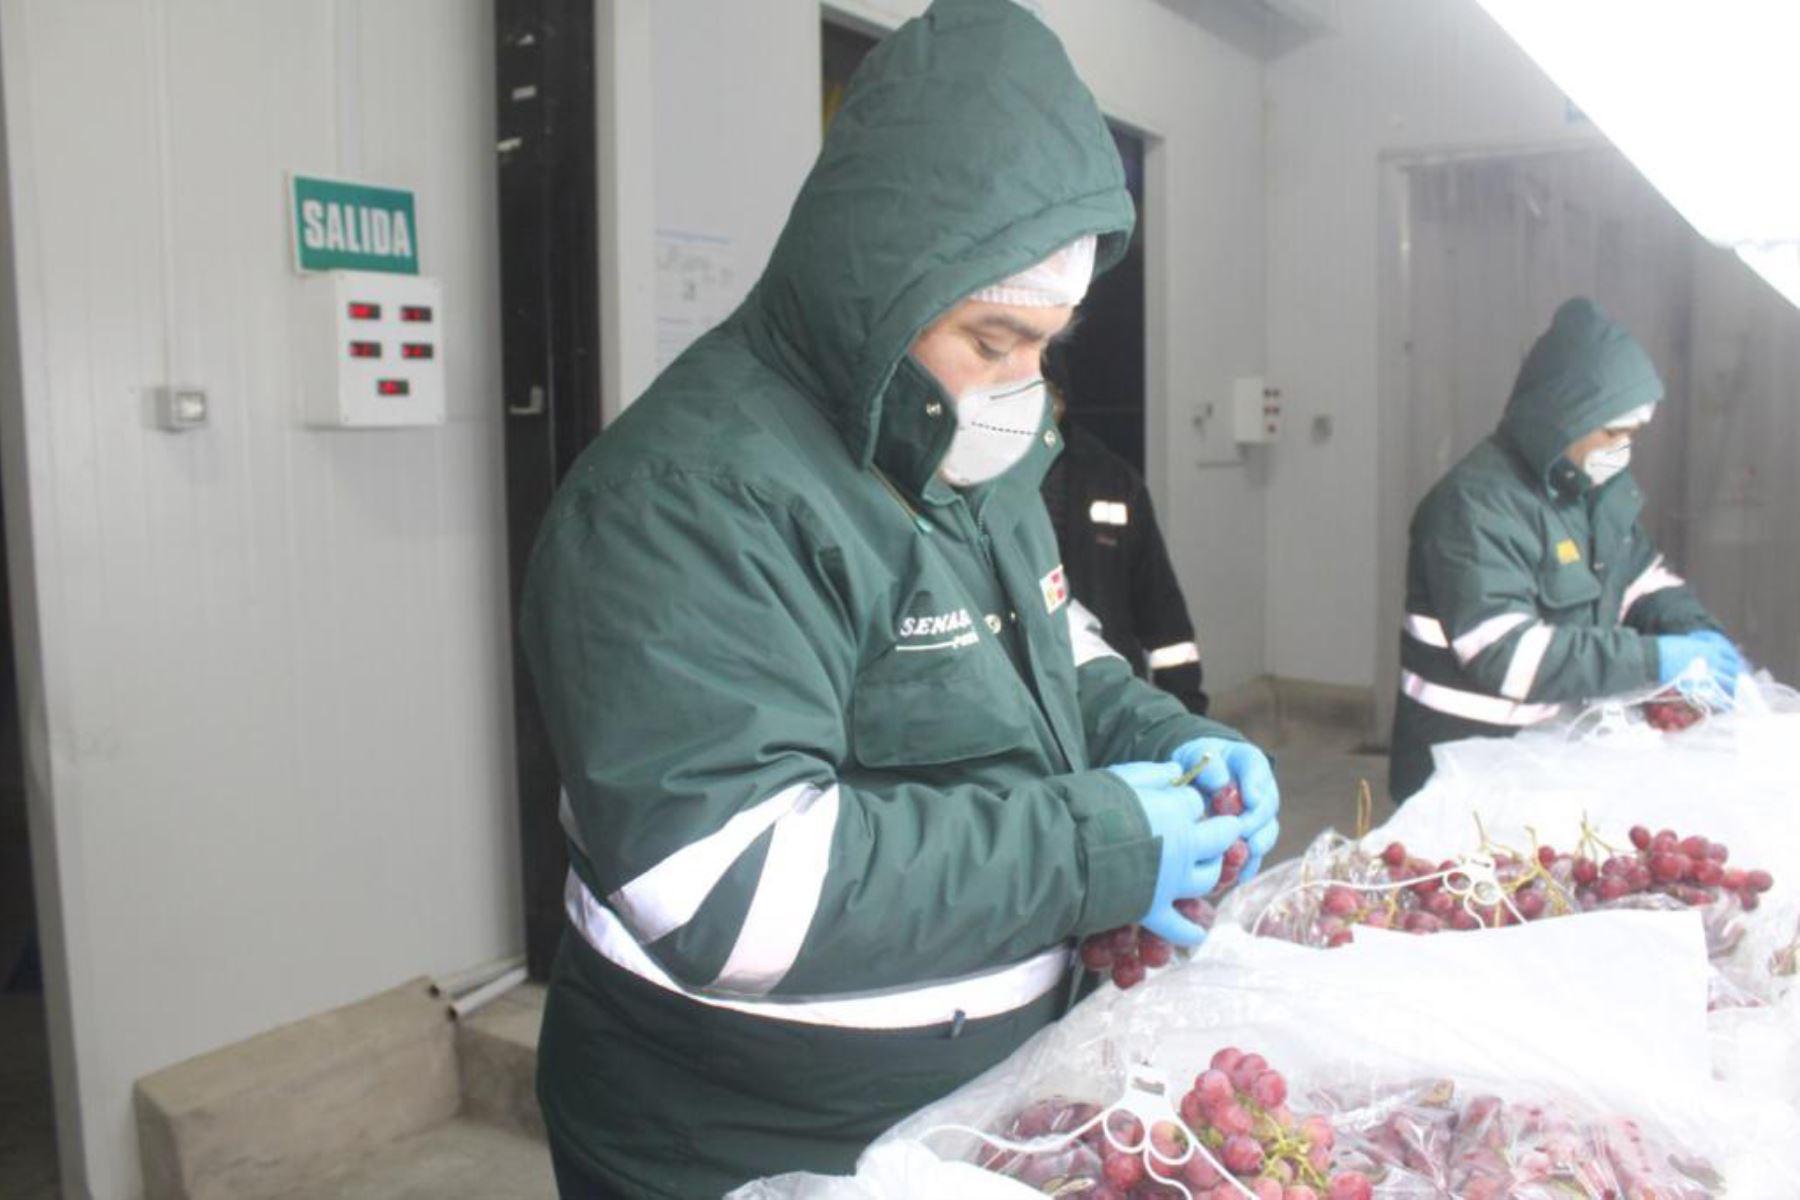 region-arequipa-exporto-mas-de-9000-toneladas-de-uva-a-17-paises